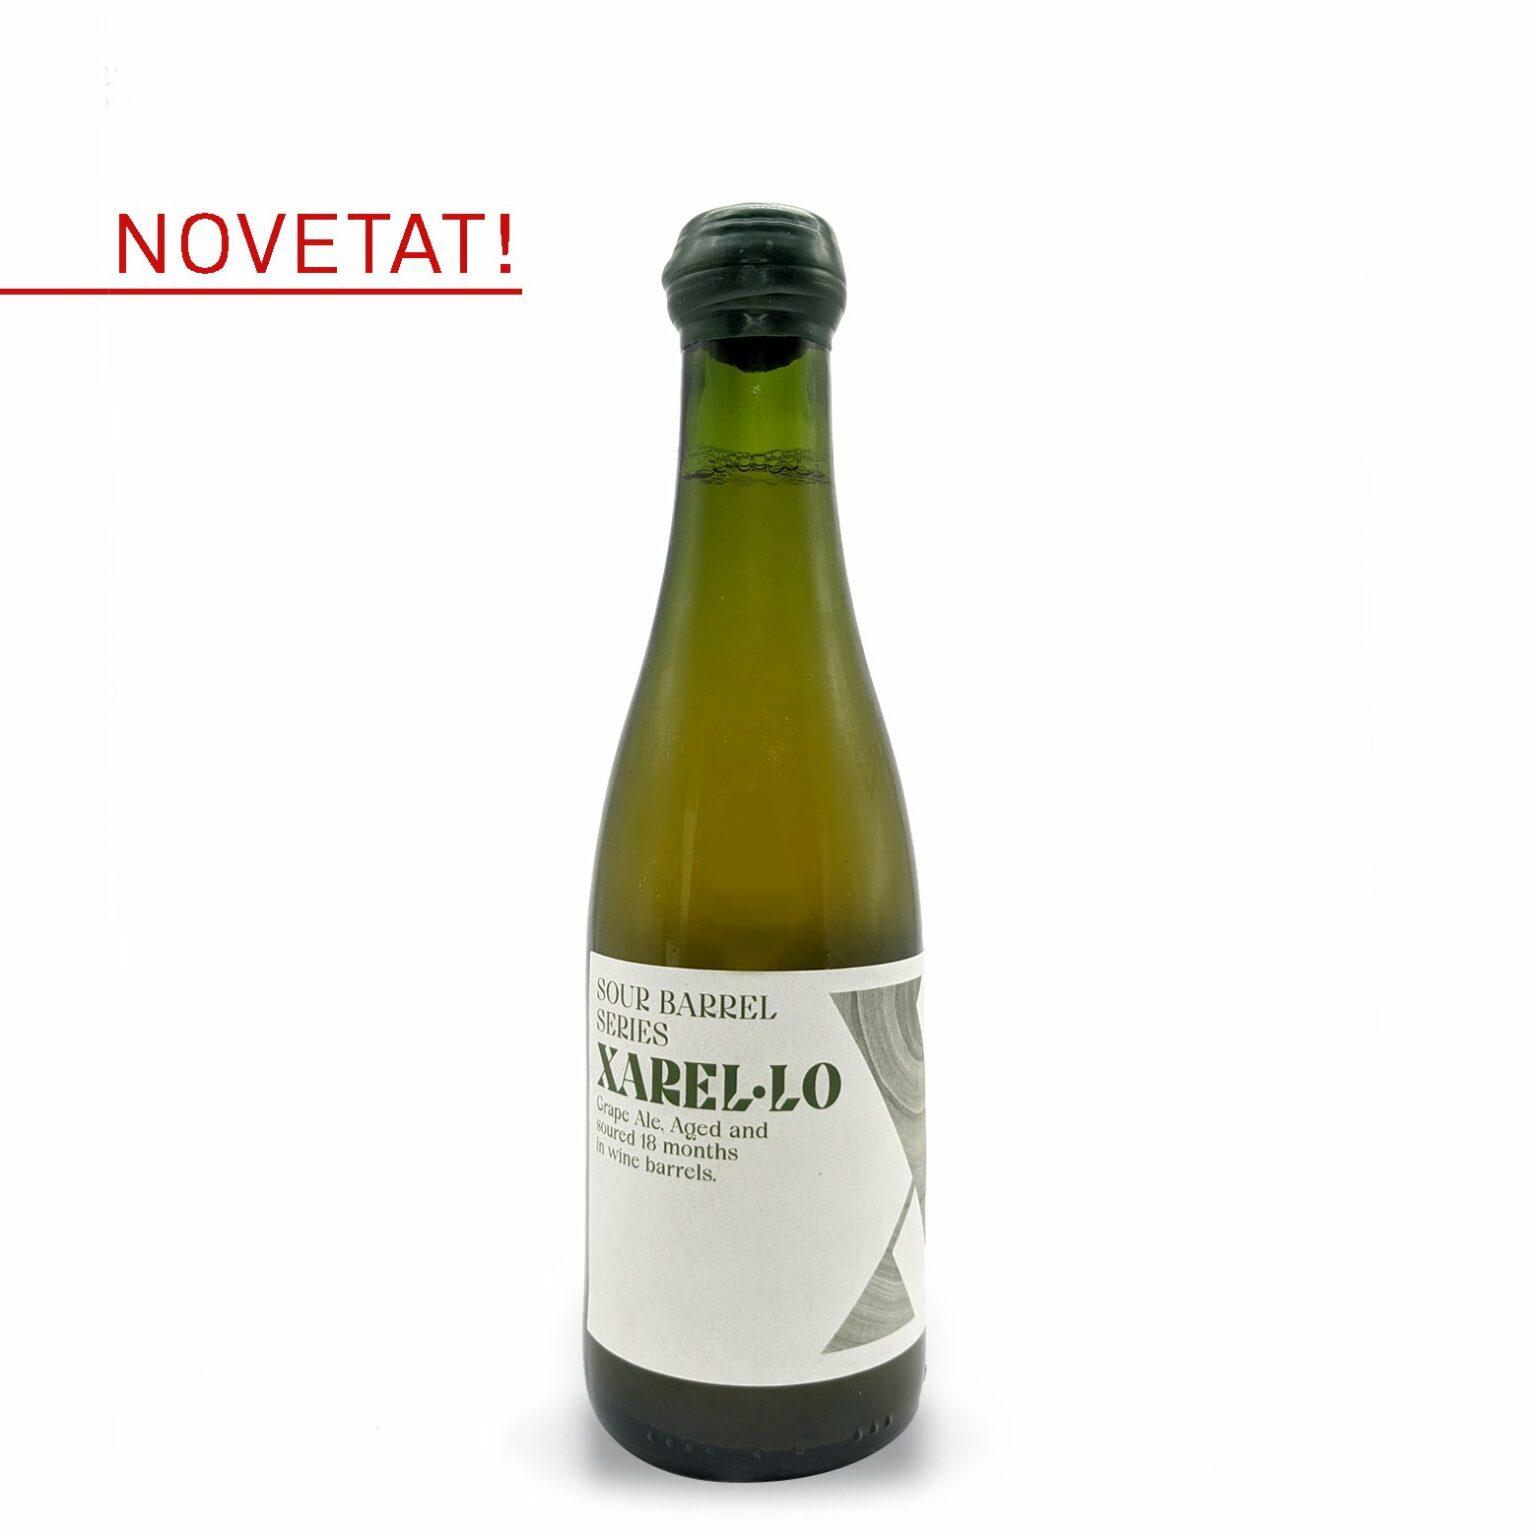 https://www.lestupenda.com/es/wp-content/uploads/sites/9/2021/04/Cervesa-Artesana-Ecològica-Sour-Barrel-LEstupenda-Xarel·lo-1536x1536.jpg